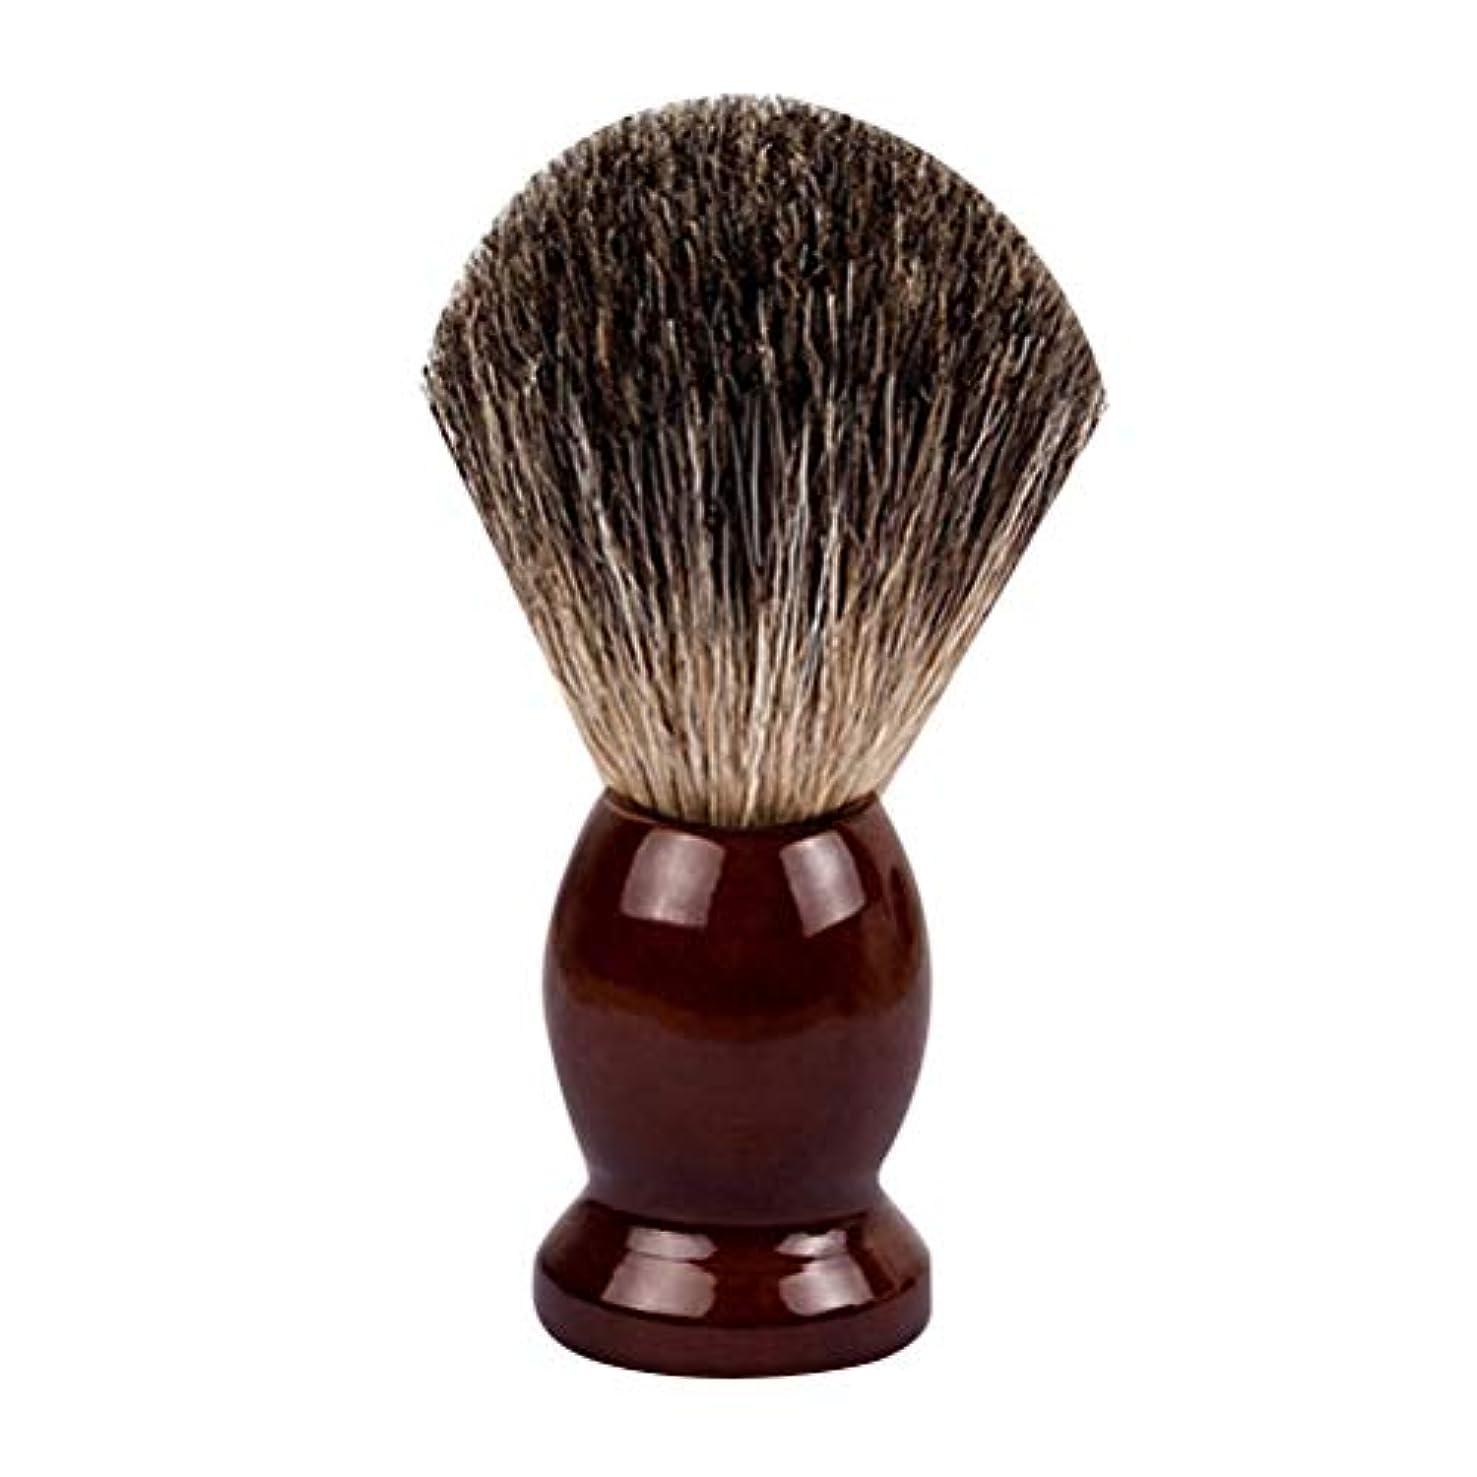 解釈的ネコ領事館Lurrose ひげ ブラシ シェービング ブラシ ウッドハンドル ヘア サロンツール 男性用